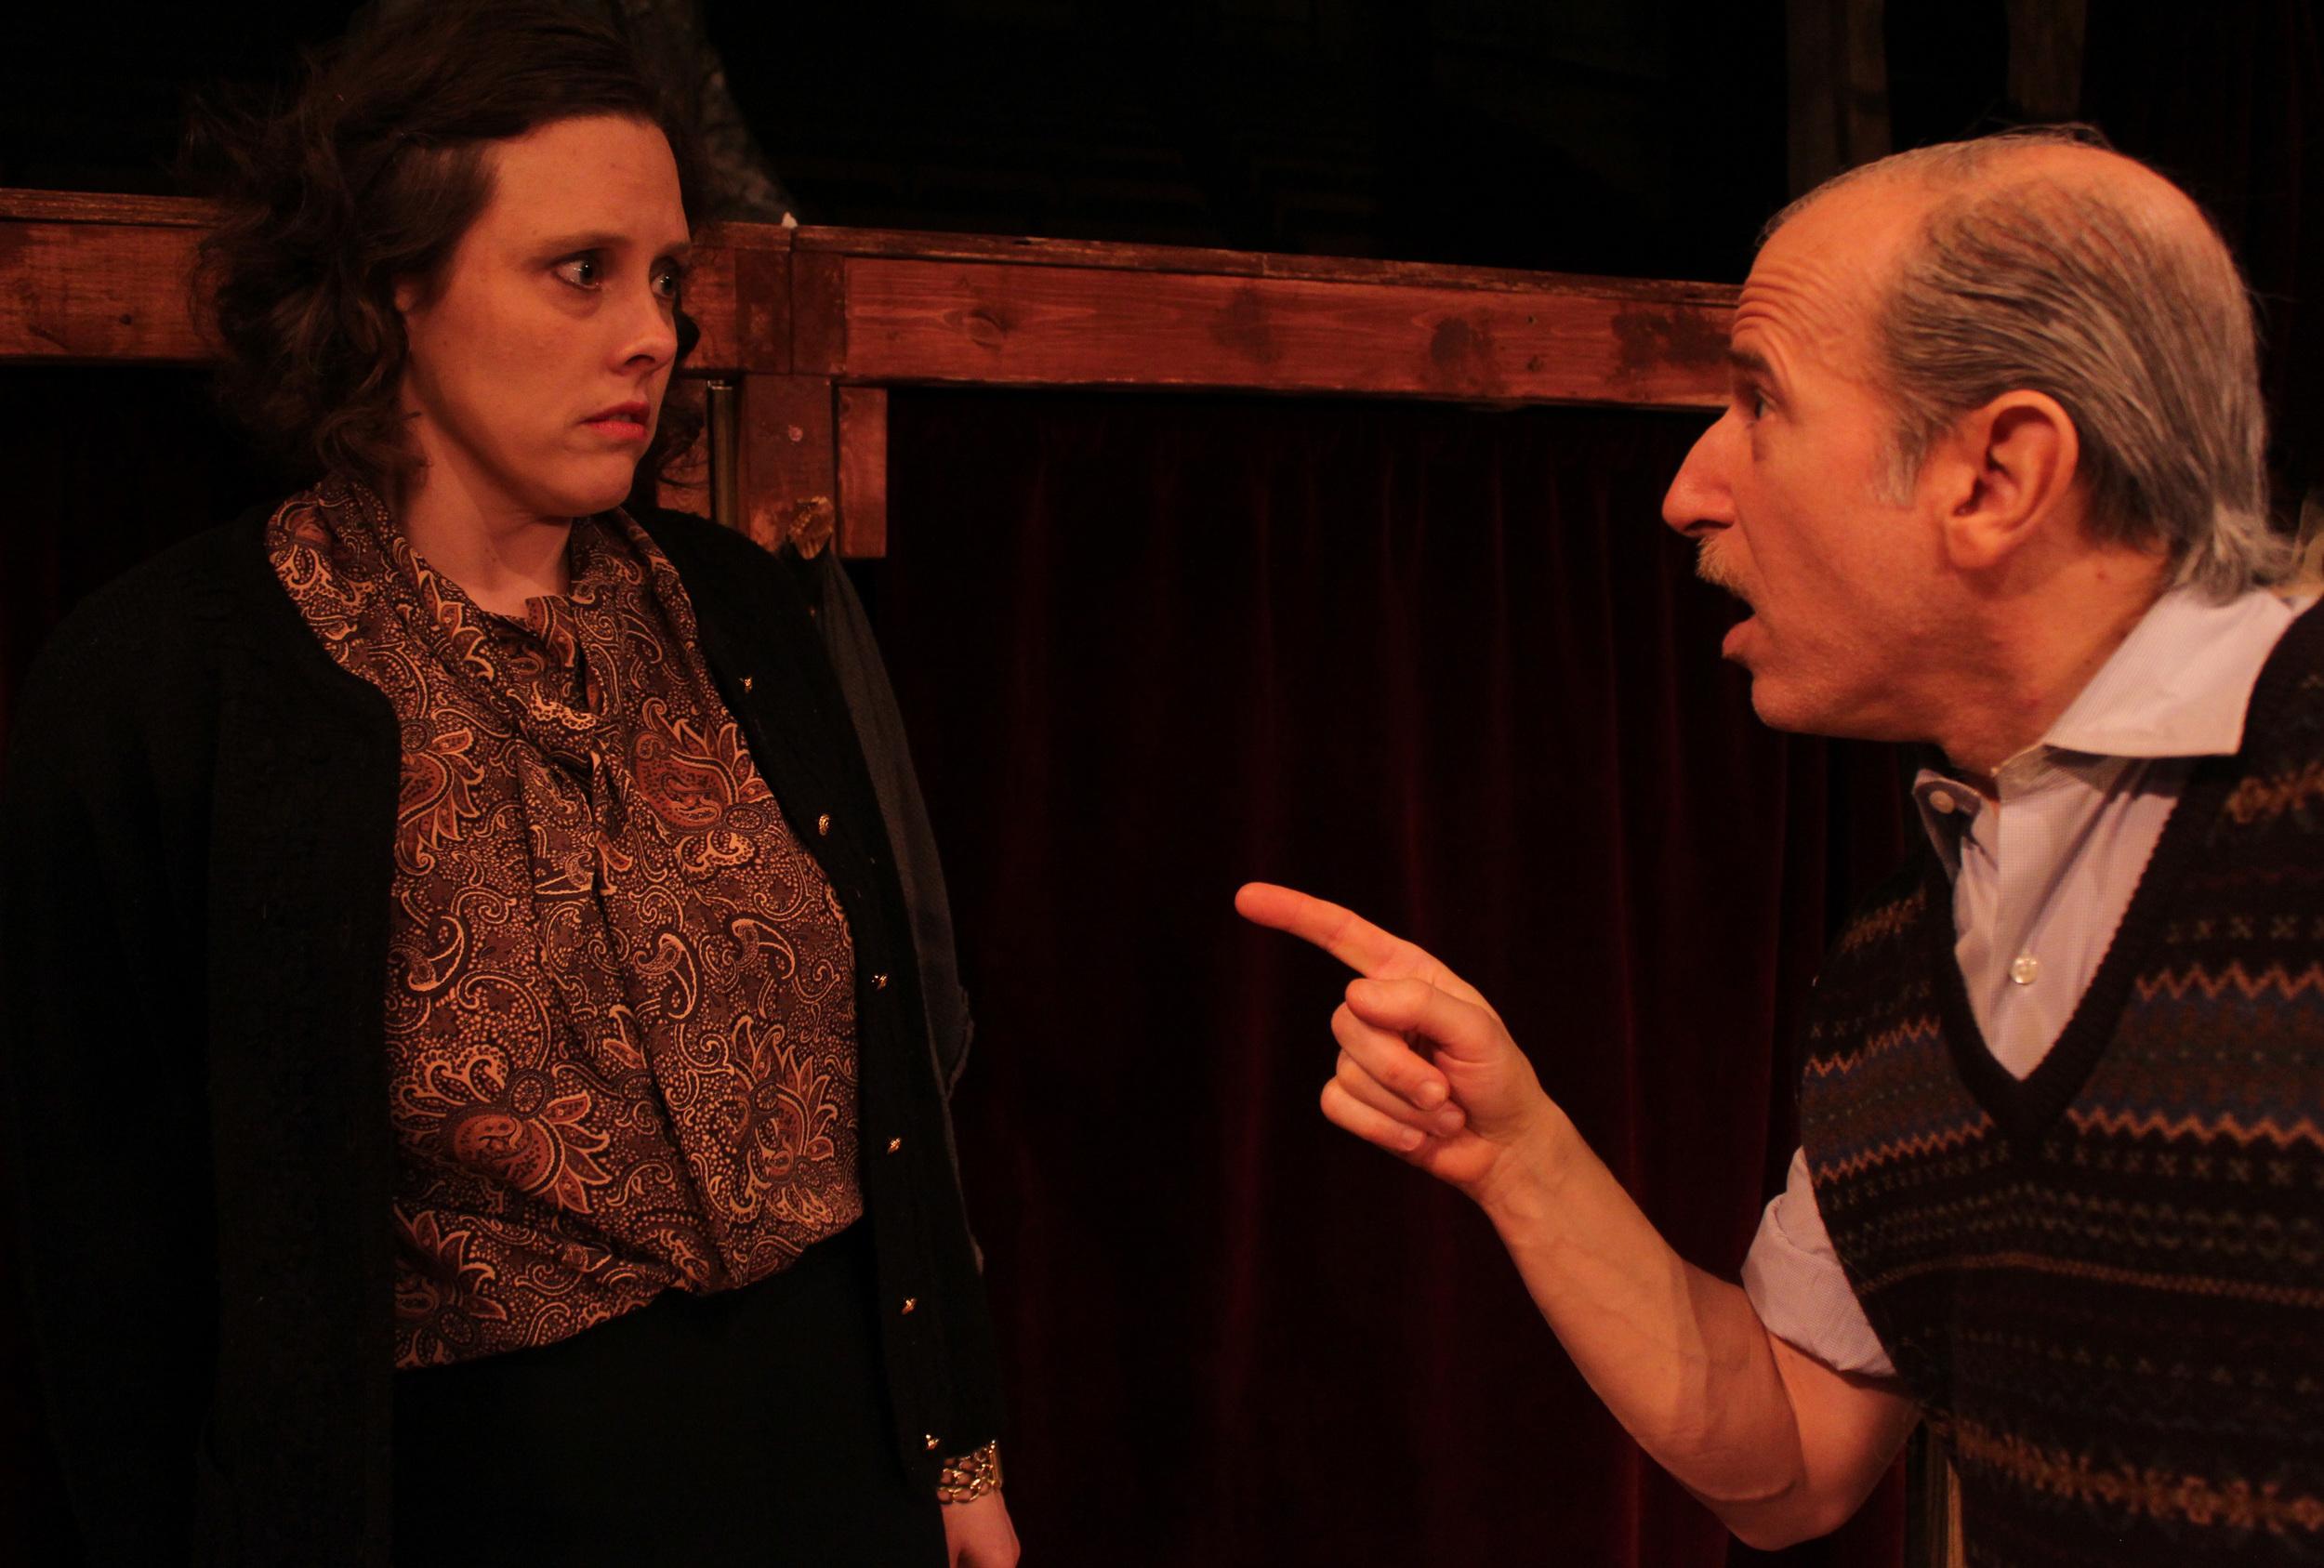 Norman (David Newhouse), Madge (Tara Herweg)